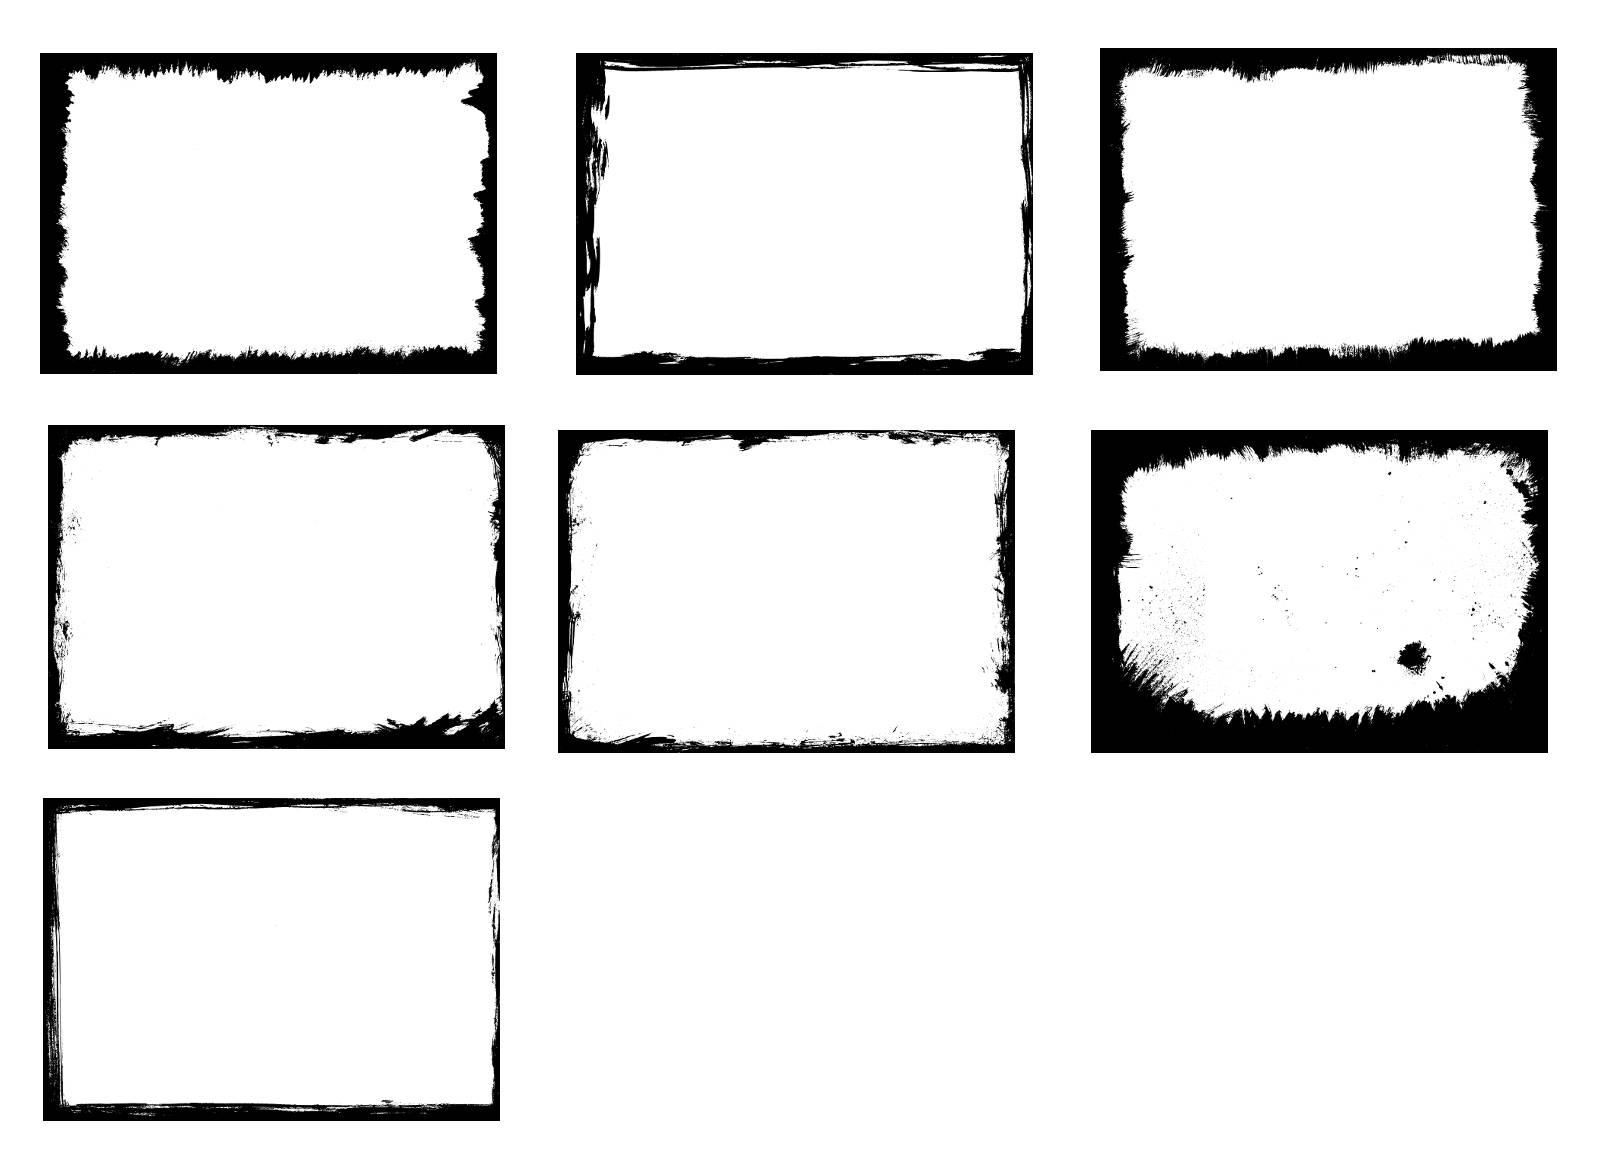 image freeuse download Svg frames square.  grunge eps psd